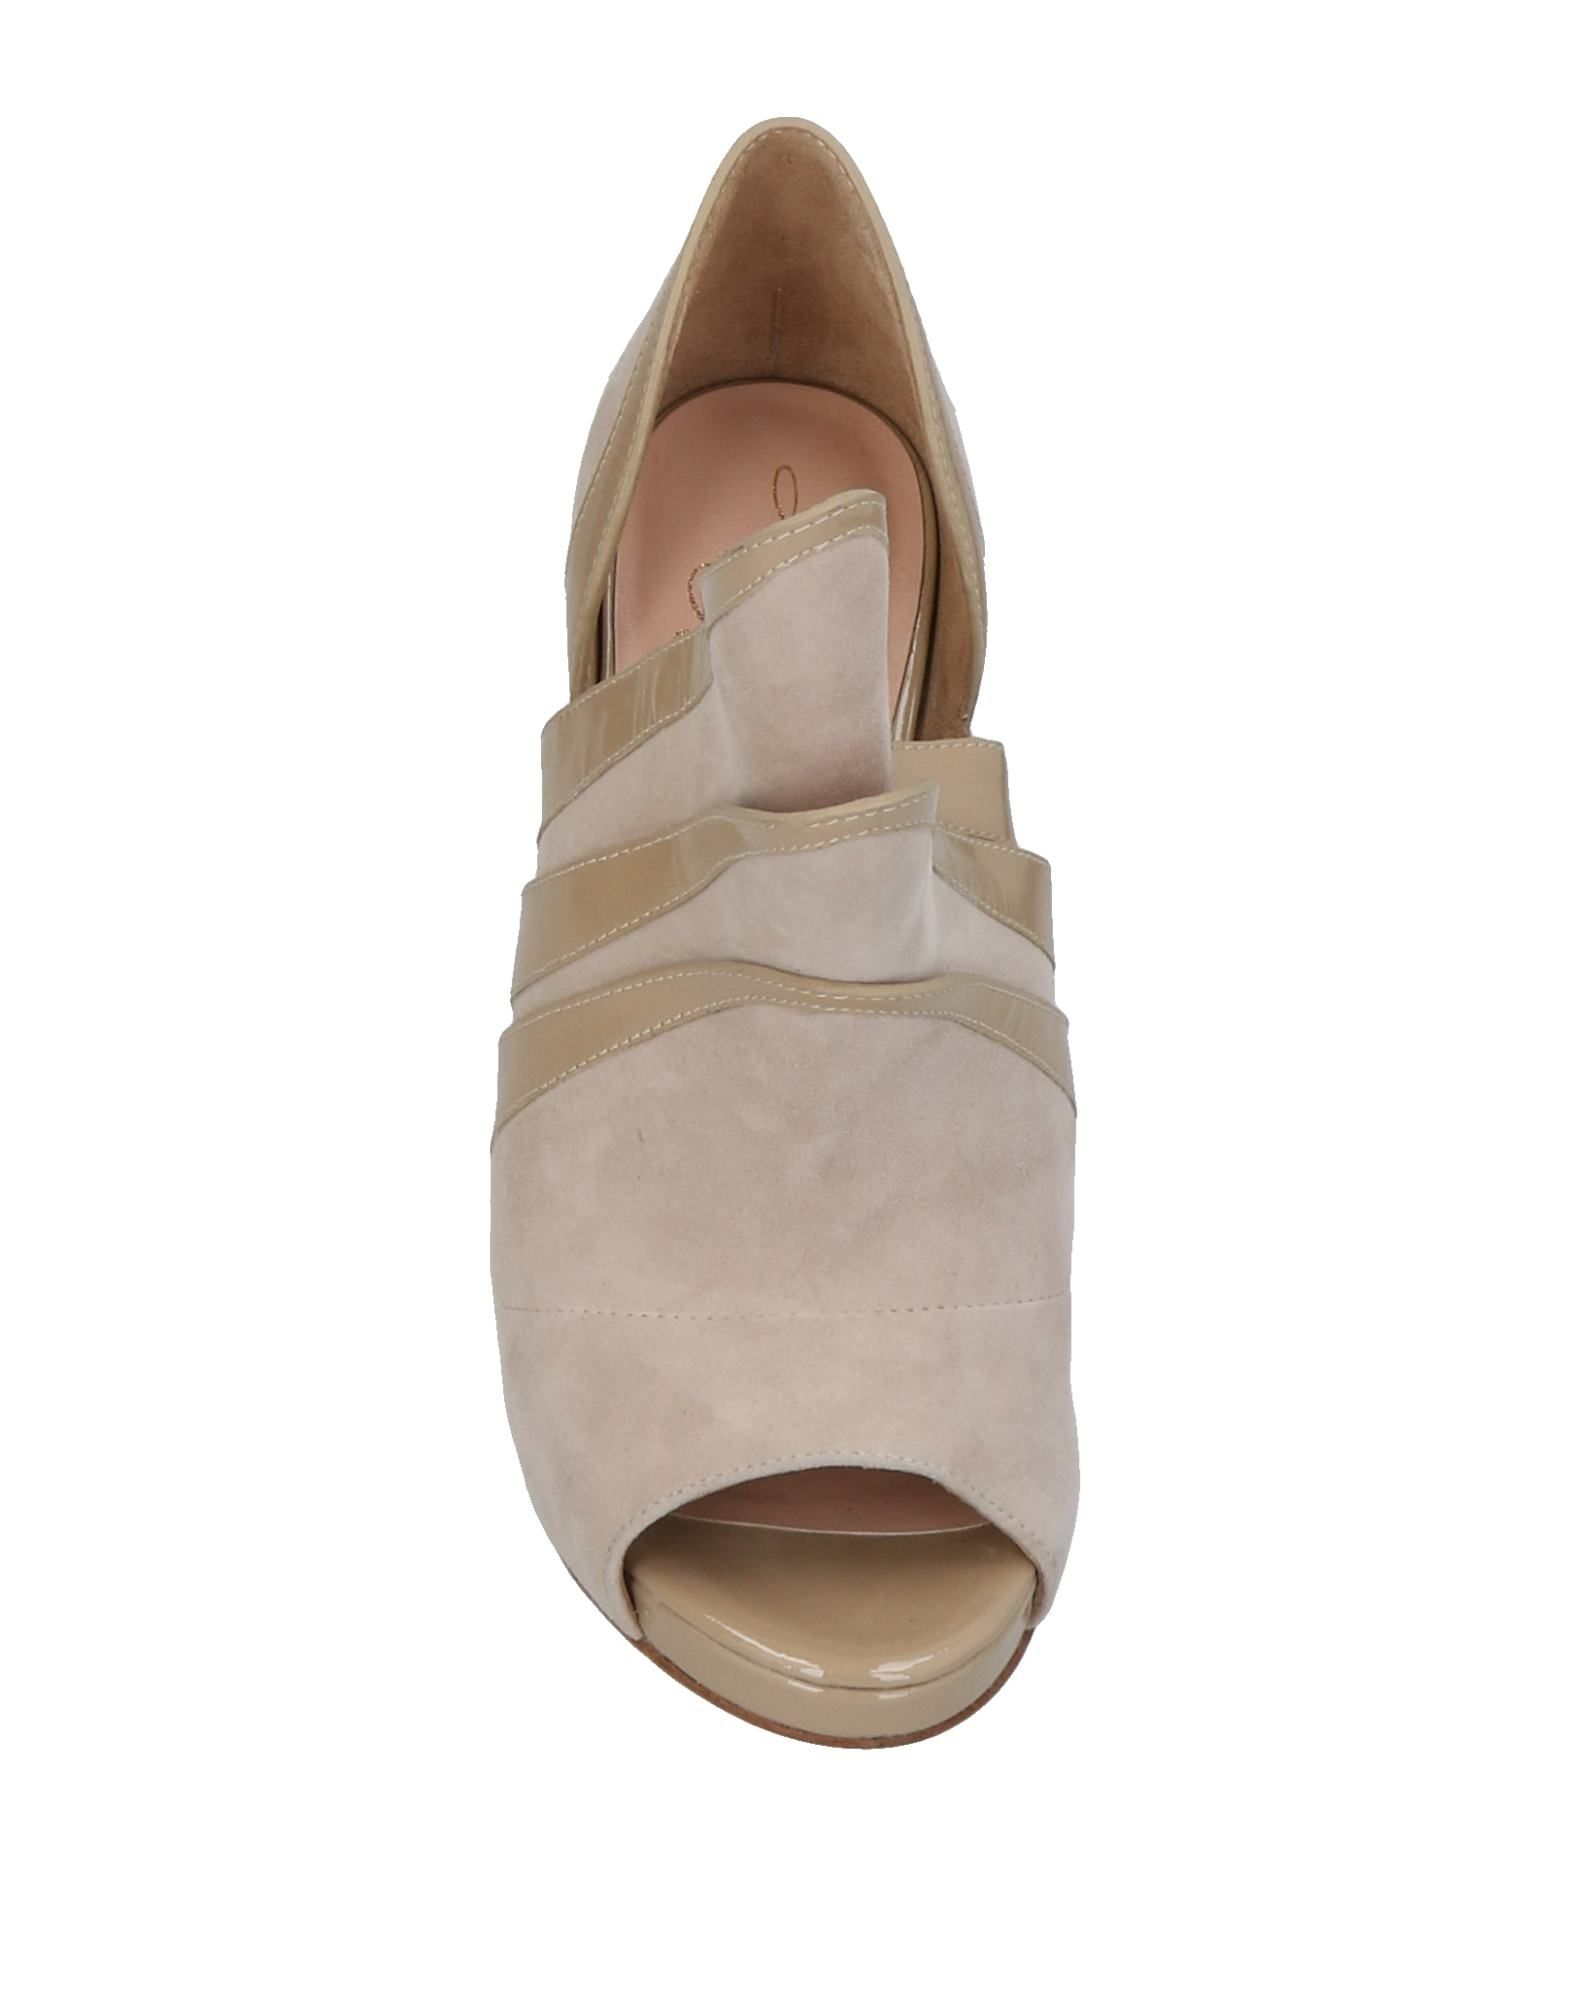 Stilvolle Pumps billige Schuhe Alejandro Ingelmo Pumps Stilvolle Damen  11428090JQ 2f8122